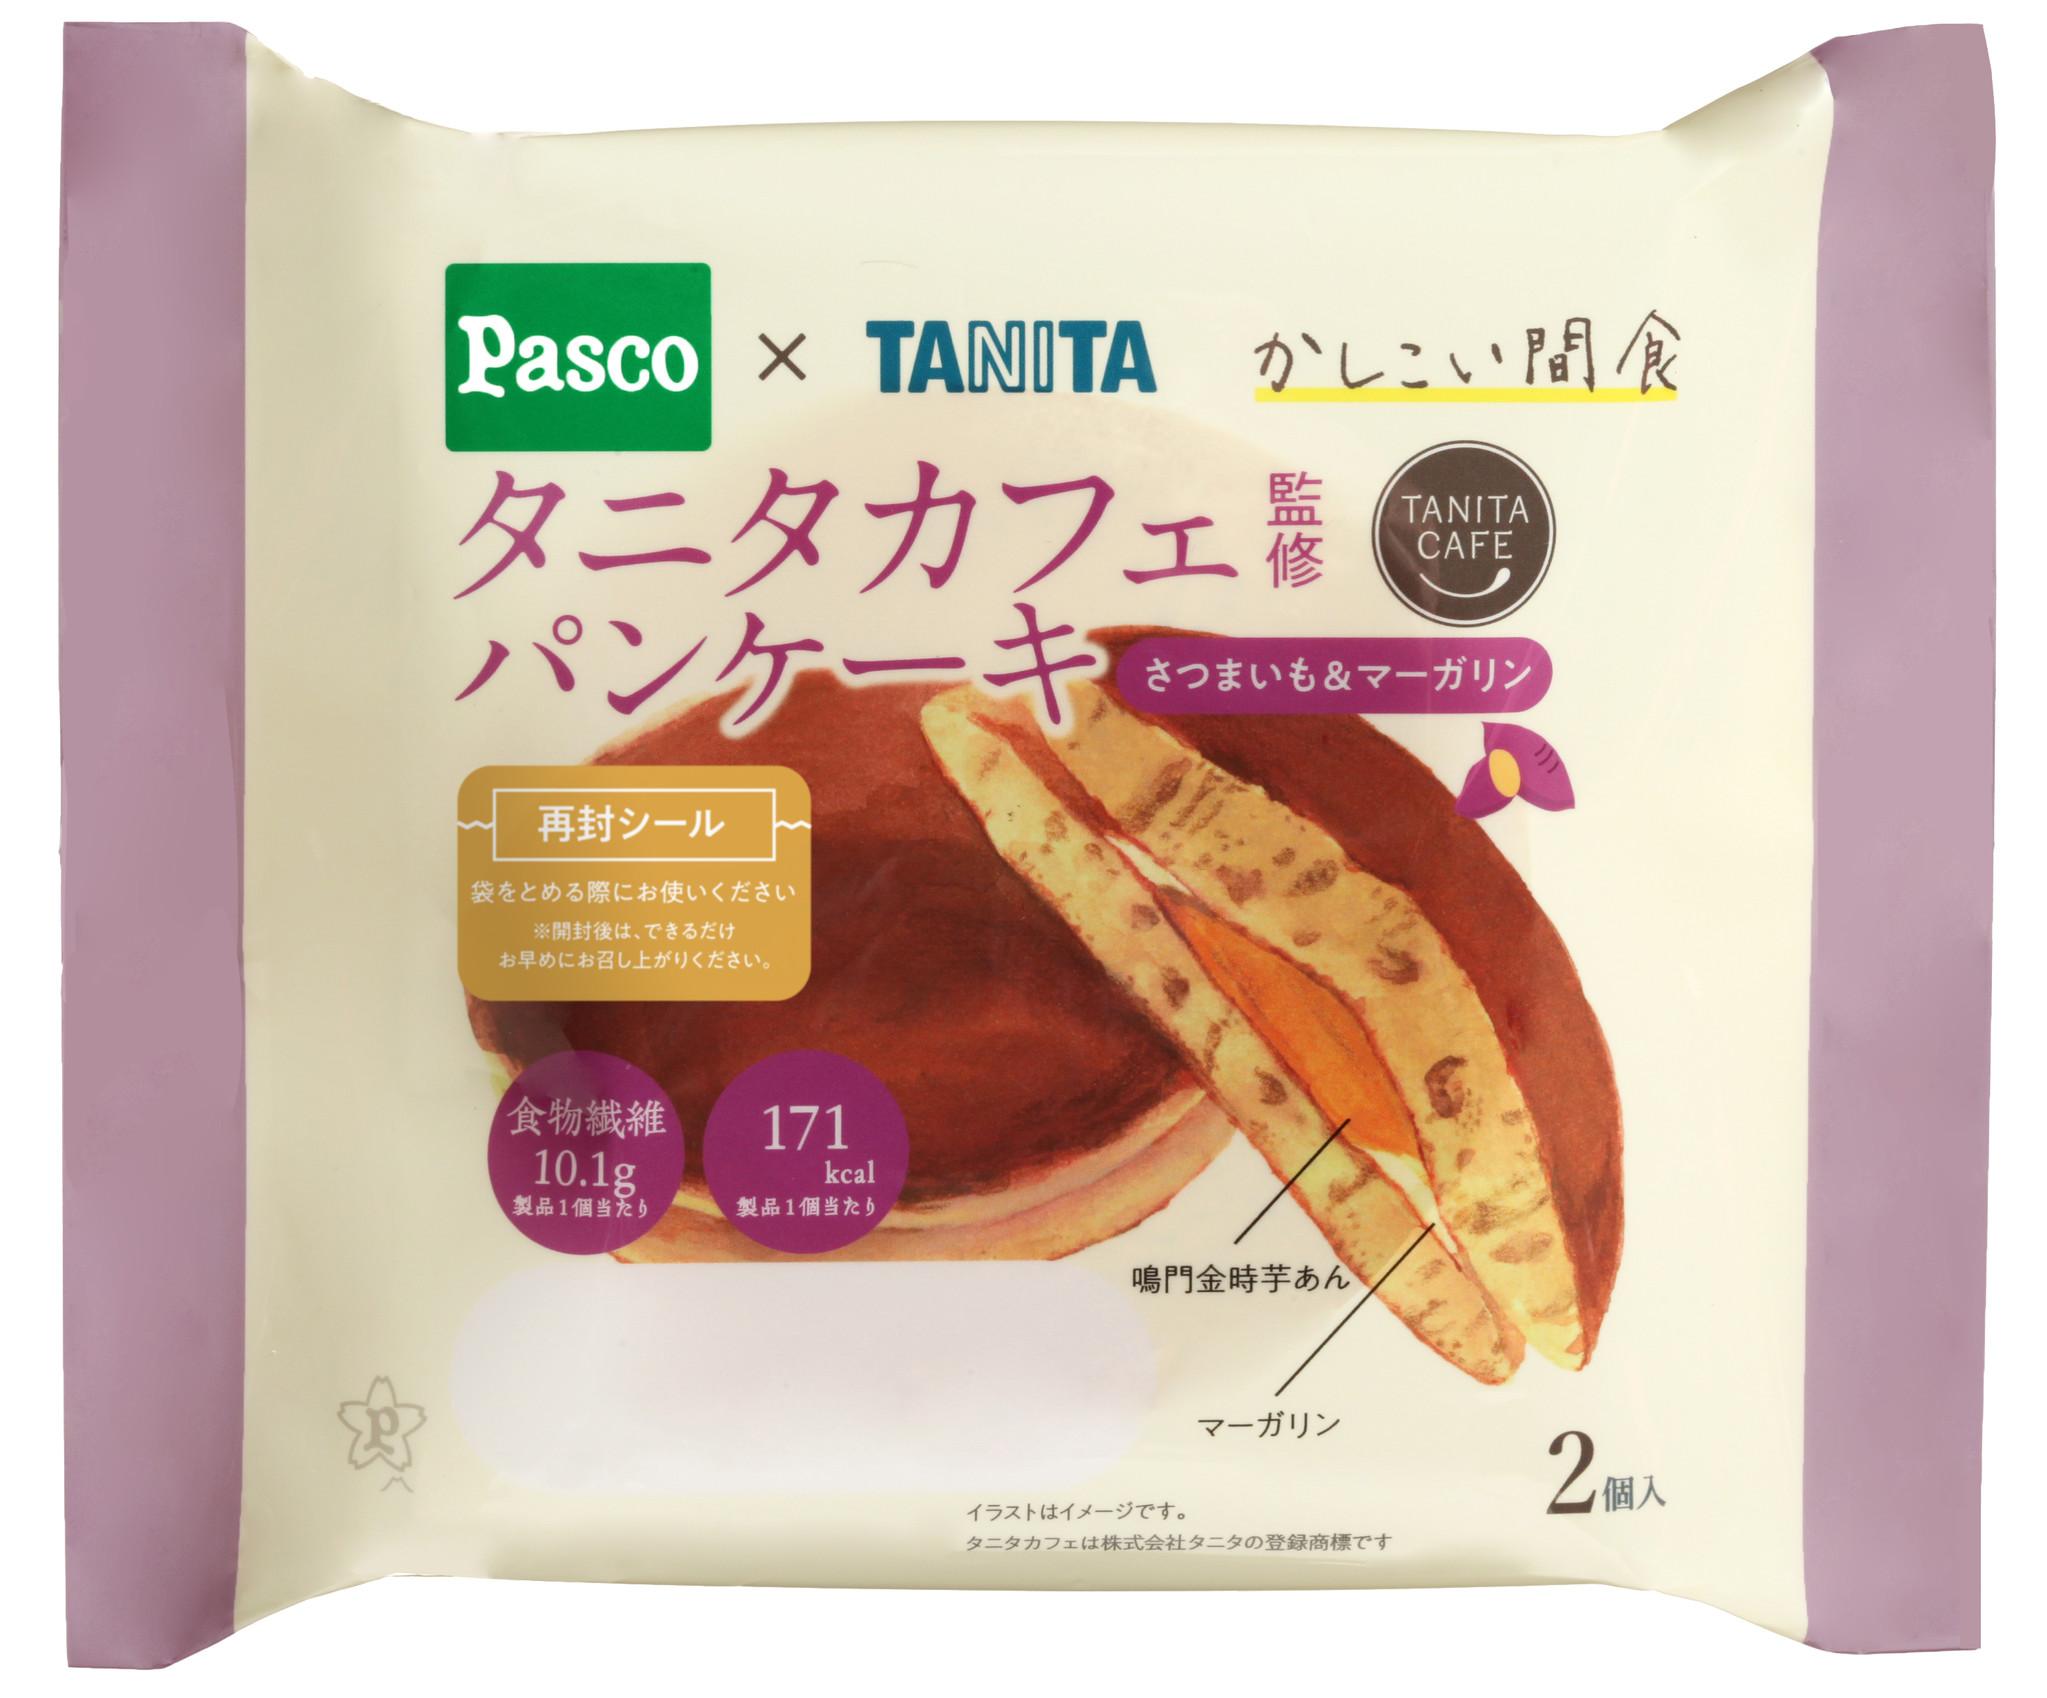 不足しがちな栄養素を補える「かしこい間食」 「タニタカフェ」監修の菓子2アイテム  敷島製パン株式会社のプレスリリース